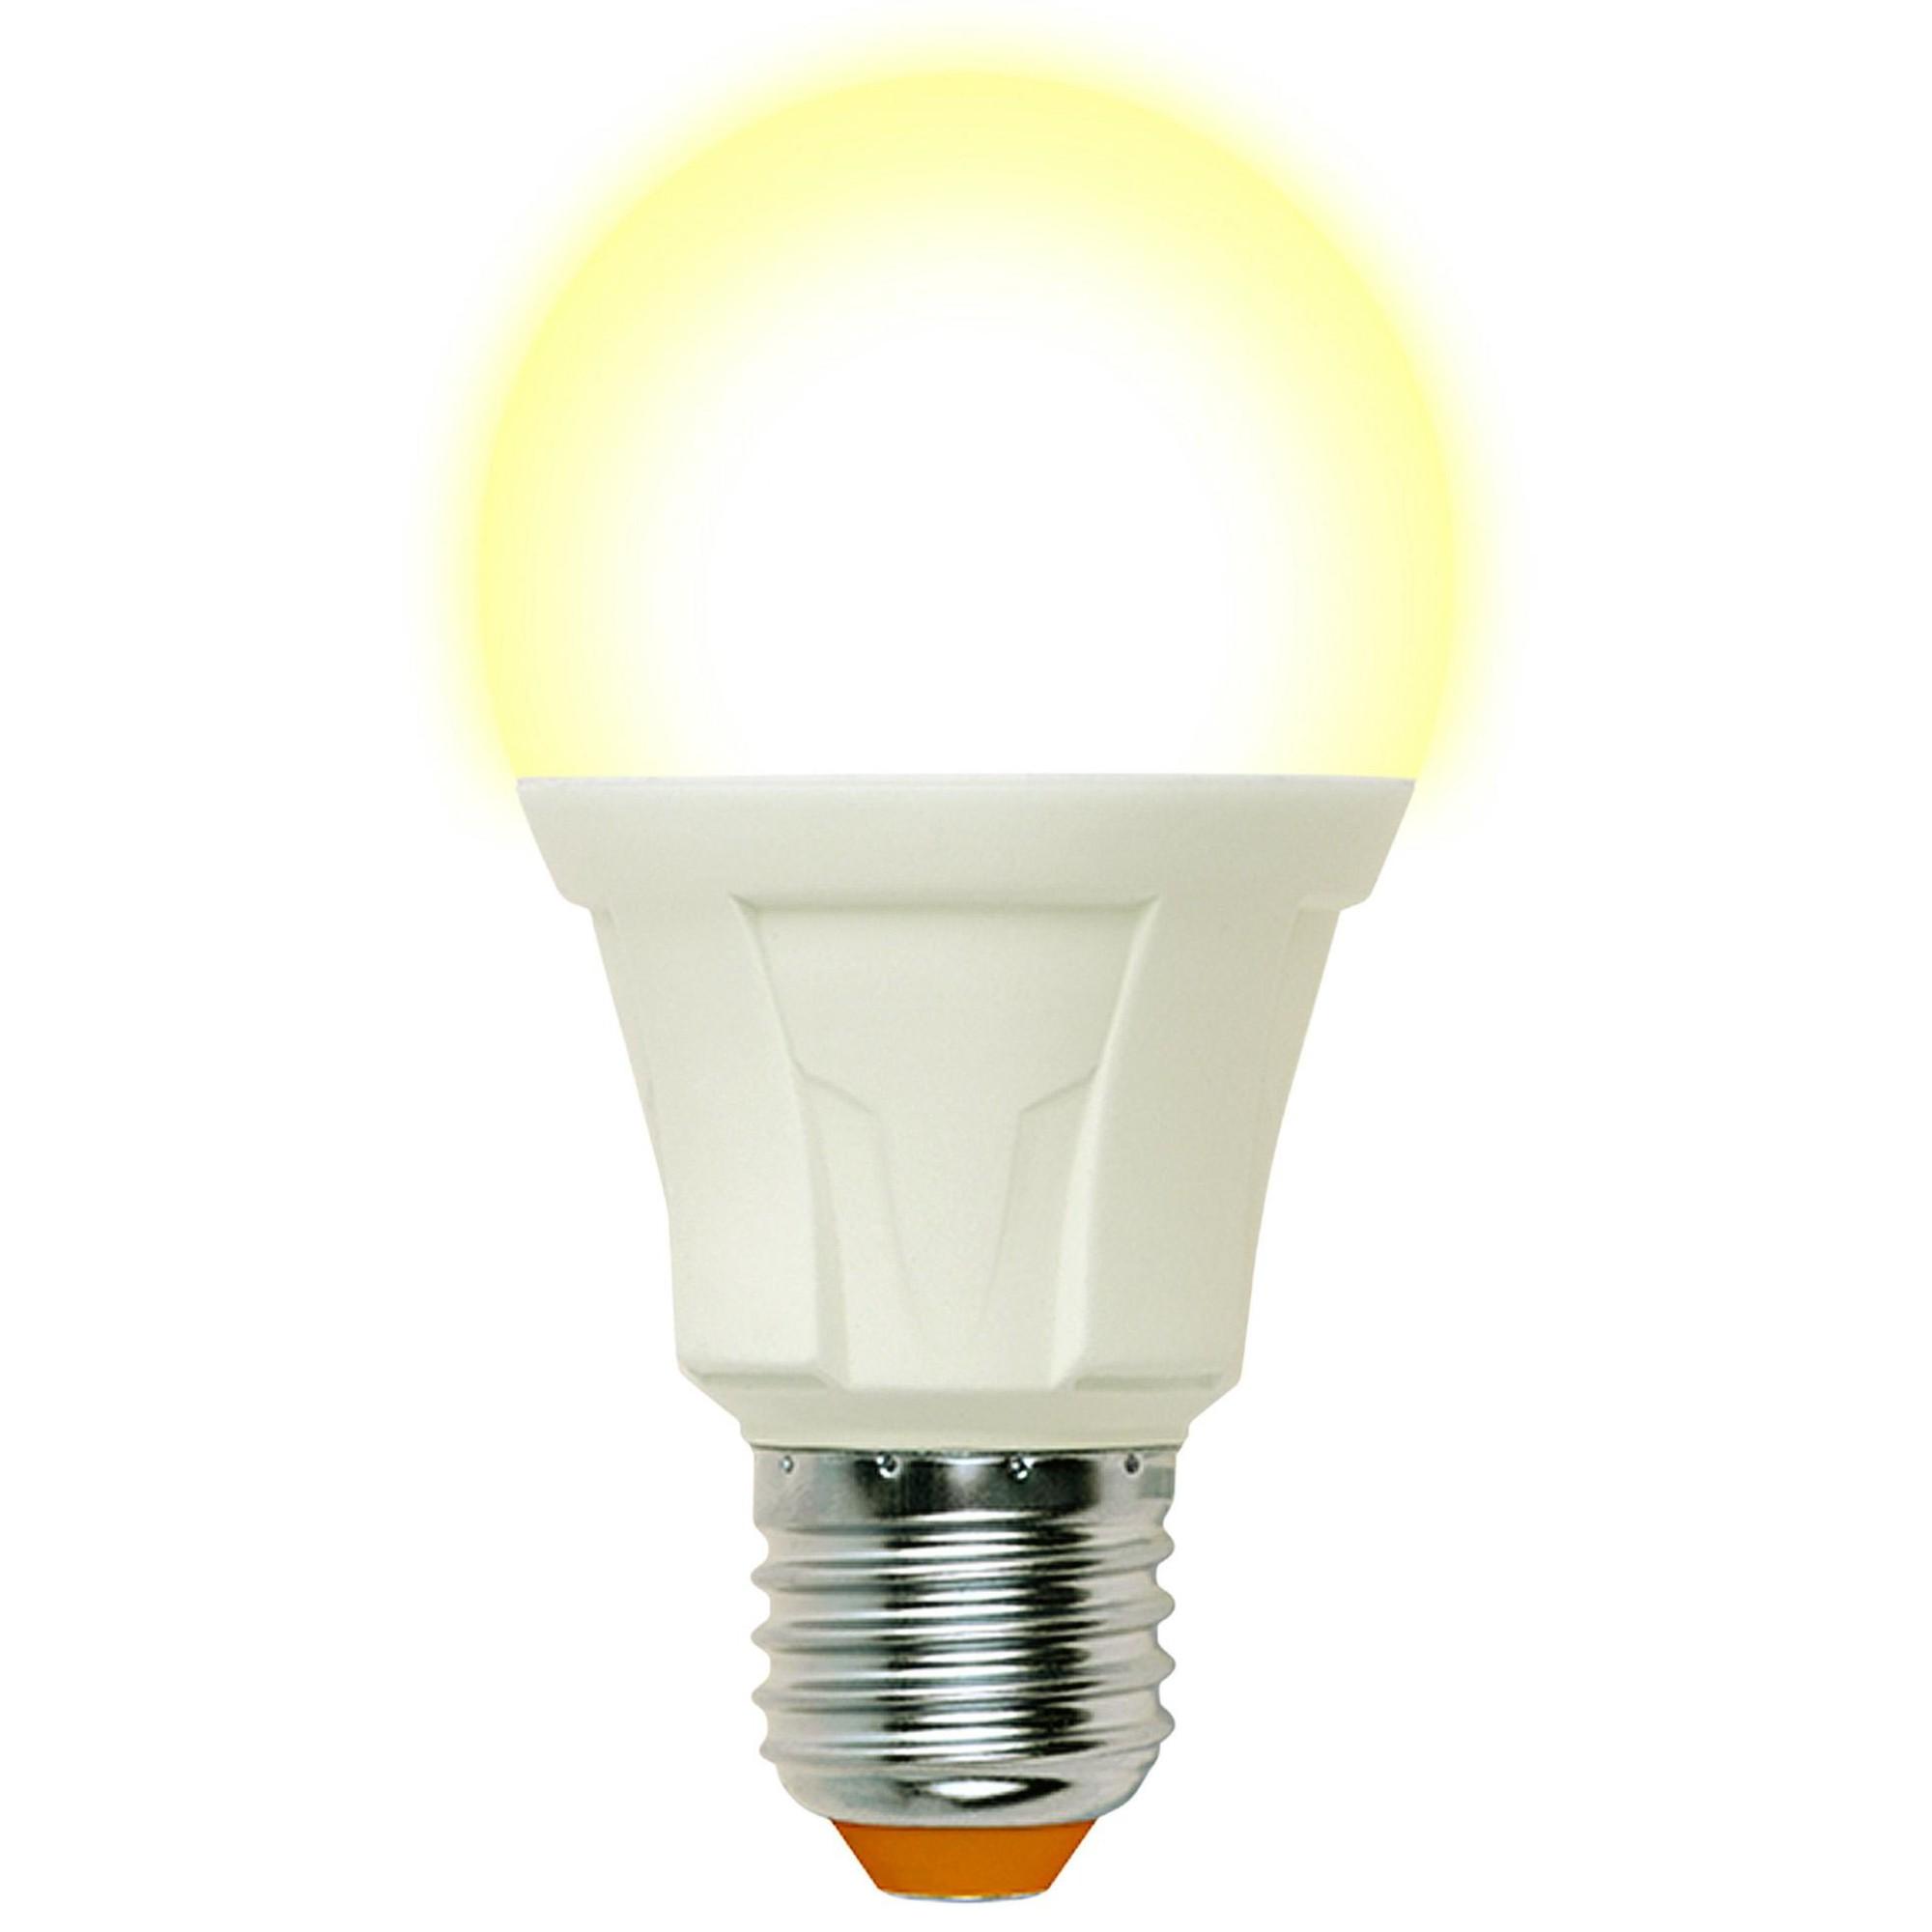 Лампа светодиодная Uniel Яркая E27 груша 1280 Лм 16 Вт холодный белый (голубой)